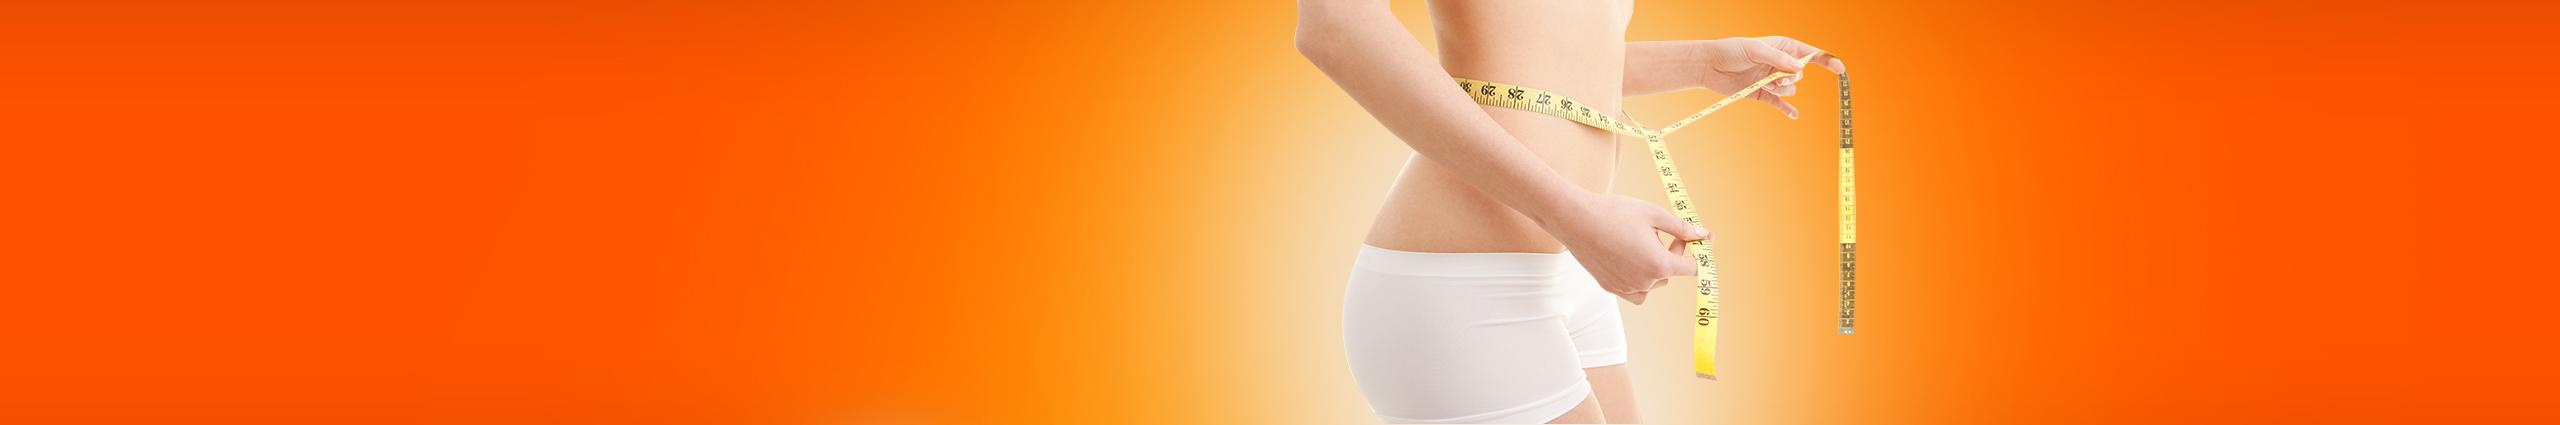 Ultrashape İle Bölgesel Kilolardan Kurtulun